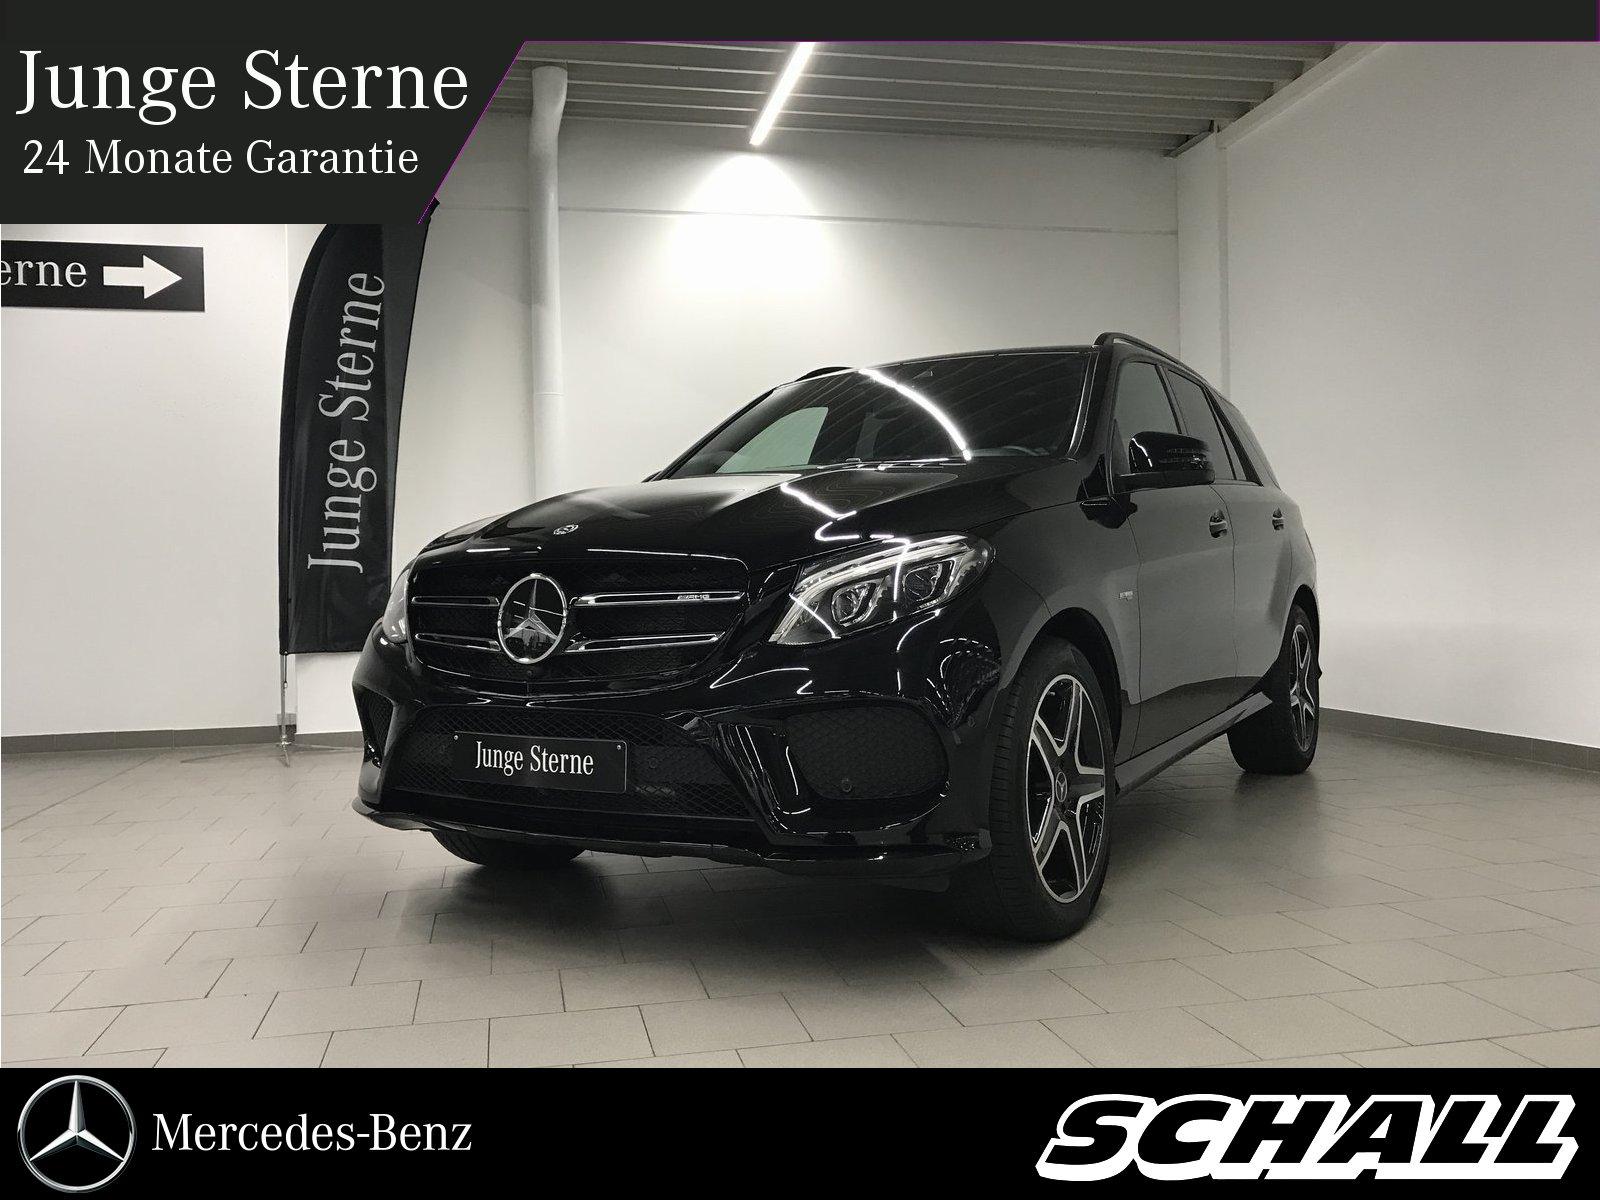 Mercedes-Benz GLE 43 AMG/AHK/NIGHT/AIR/KEY/360°/DIST/LED/EU6, Jahr 2017, petrol